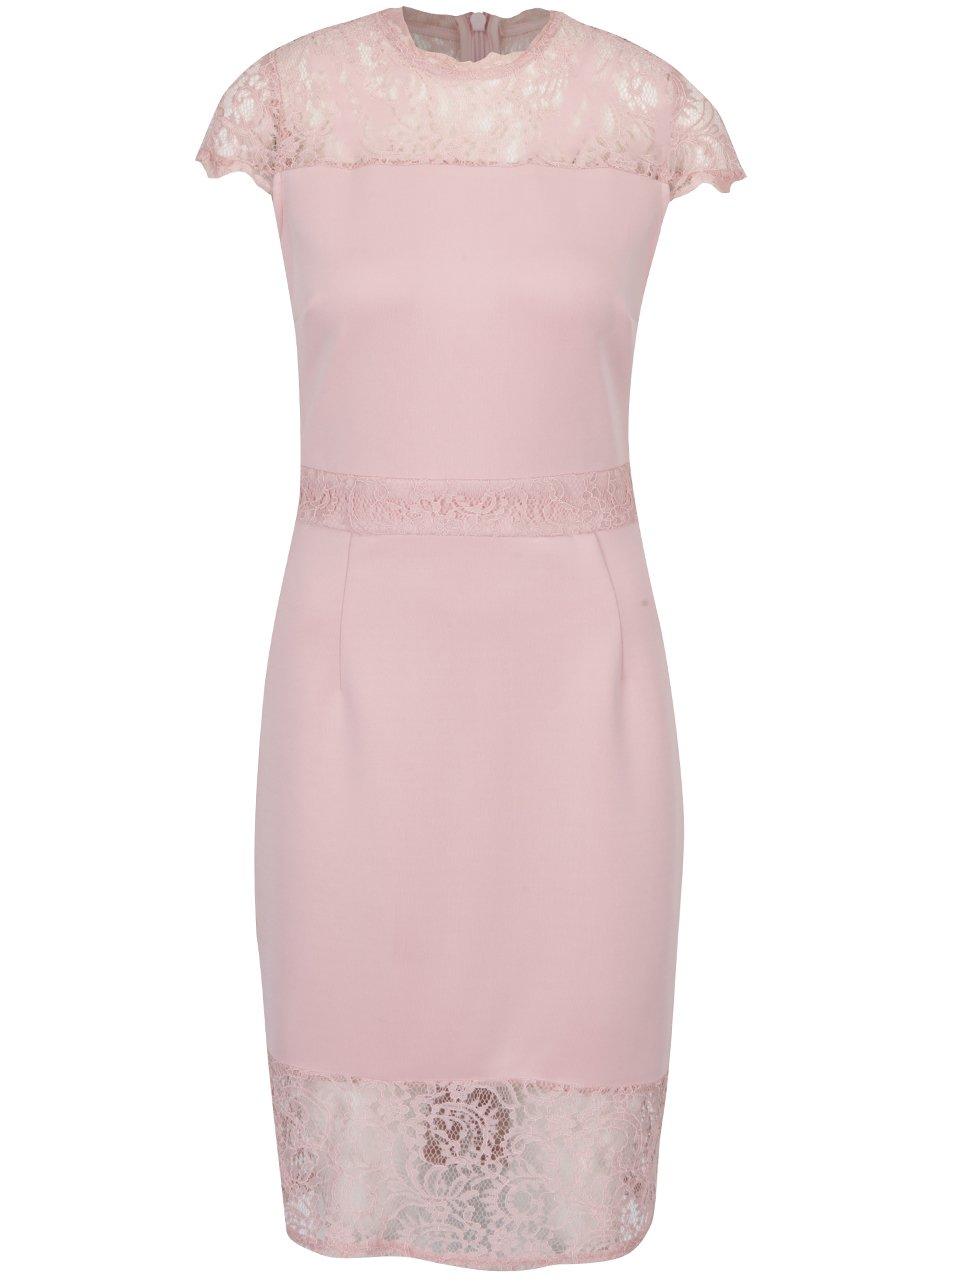 Starorůžové pouzdrové šaty s krajkovými detaily Dorothy Perkins